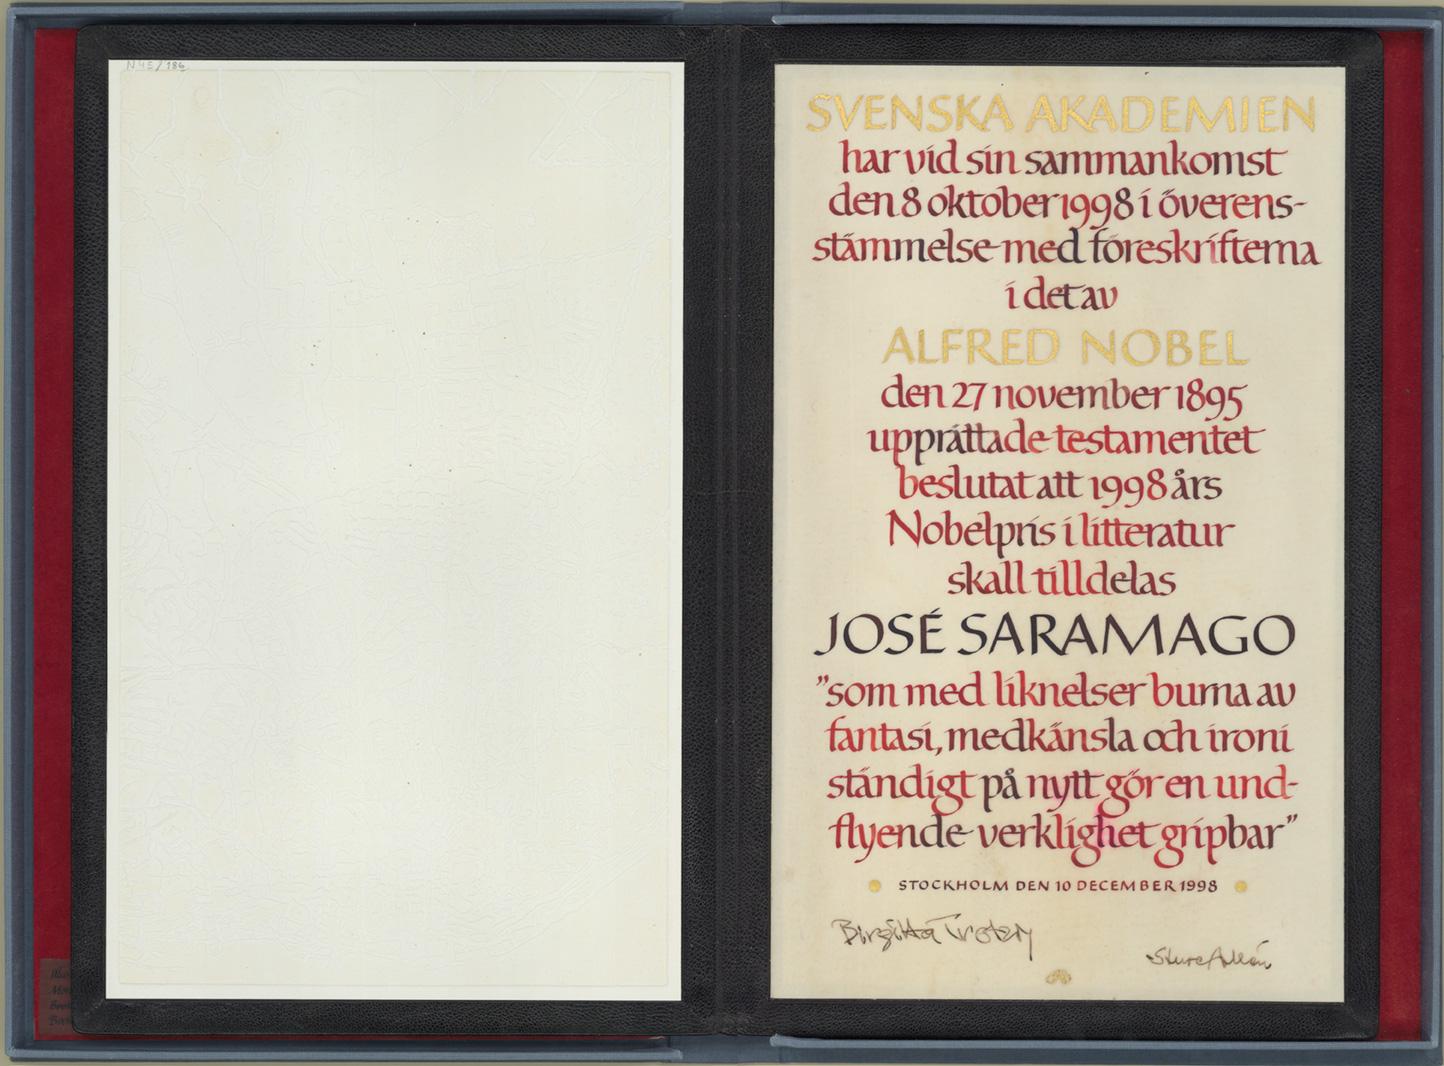 Diploma concedido a José Saramago pela Academia Sueca como Prémio Nobel da Literatura, 1998. Bi...